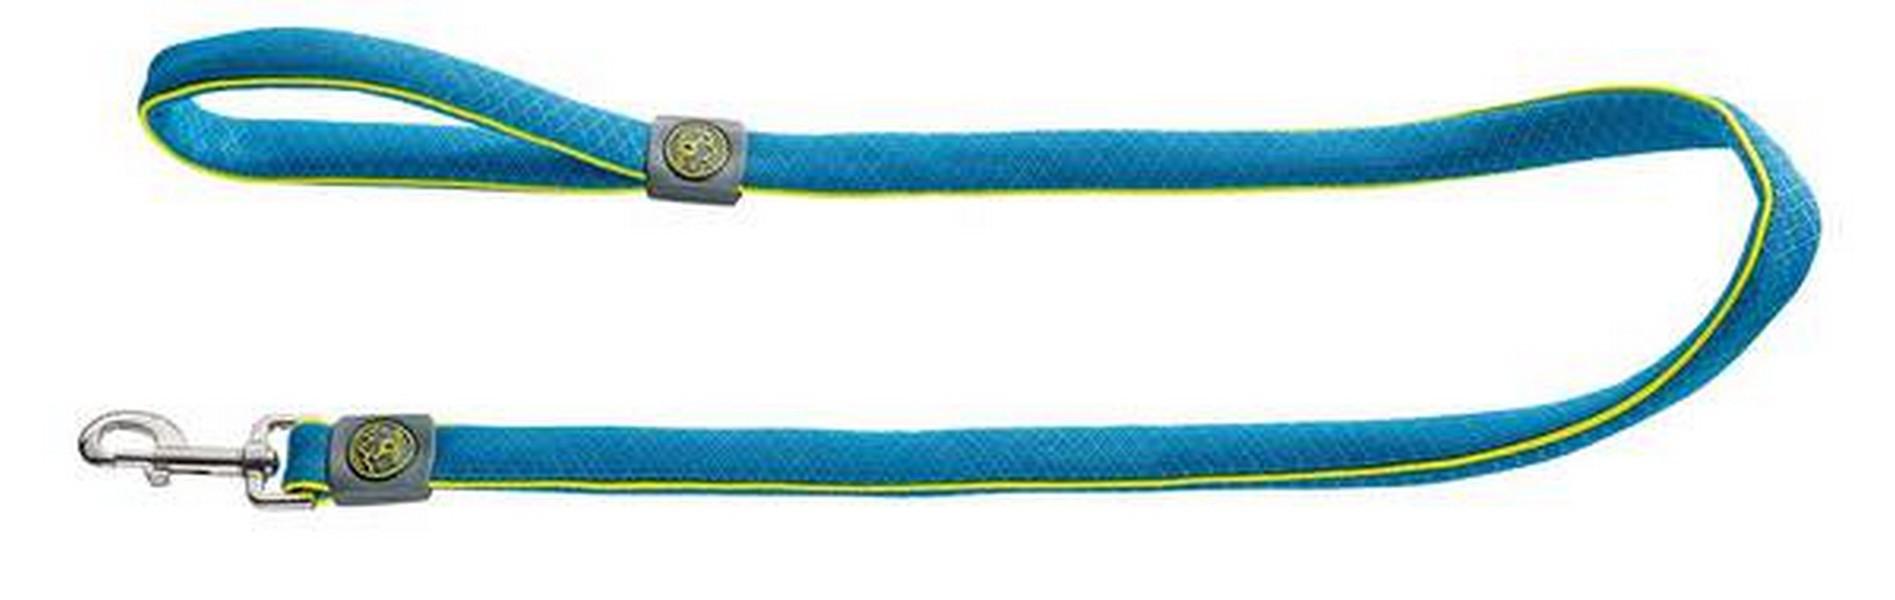 Hunter Maui поводок для собак сетчатый текстиль 25мм/120см